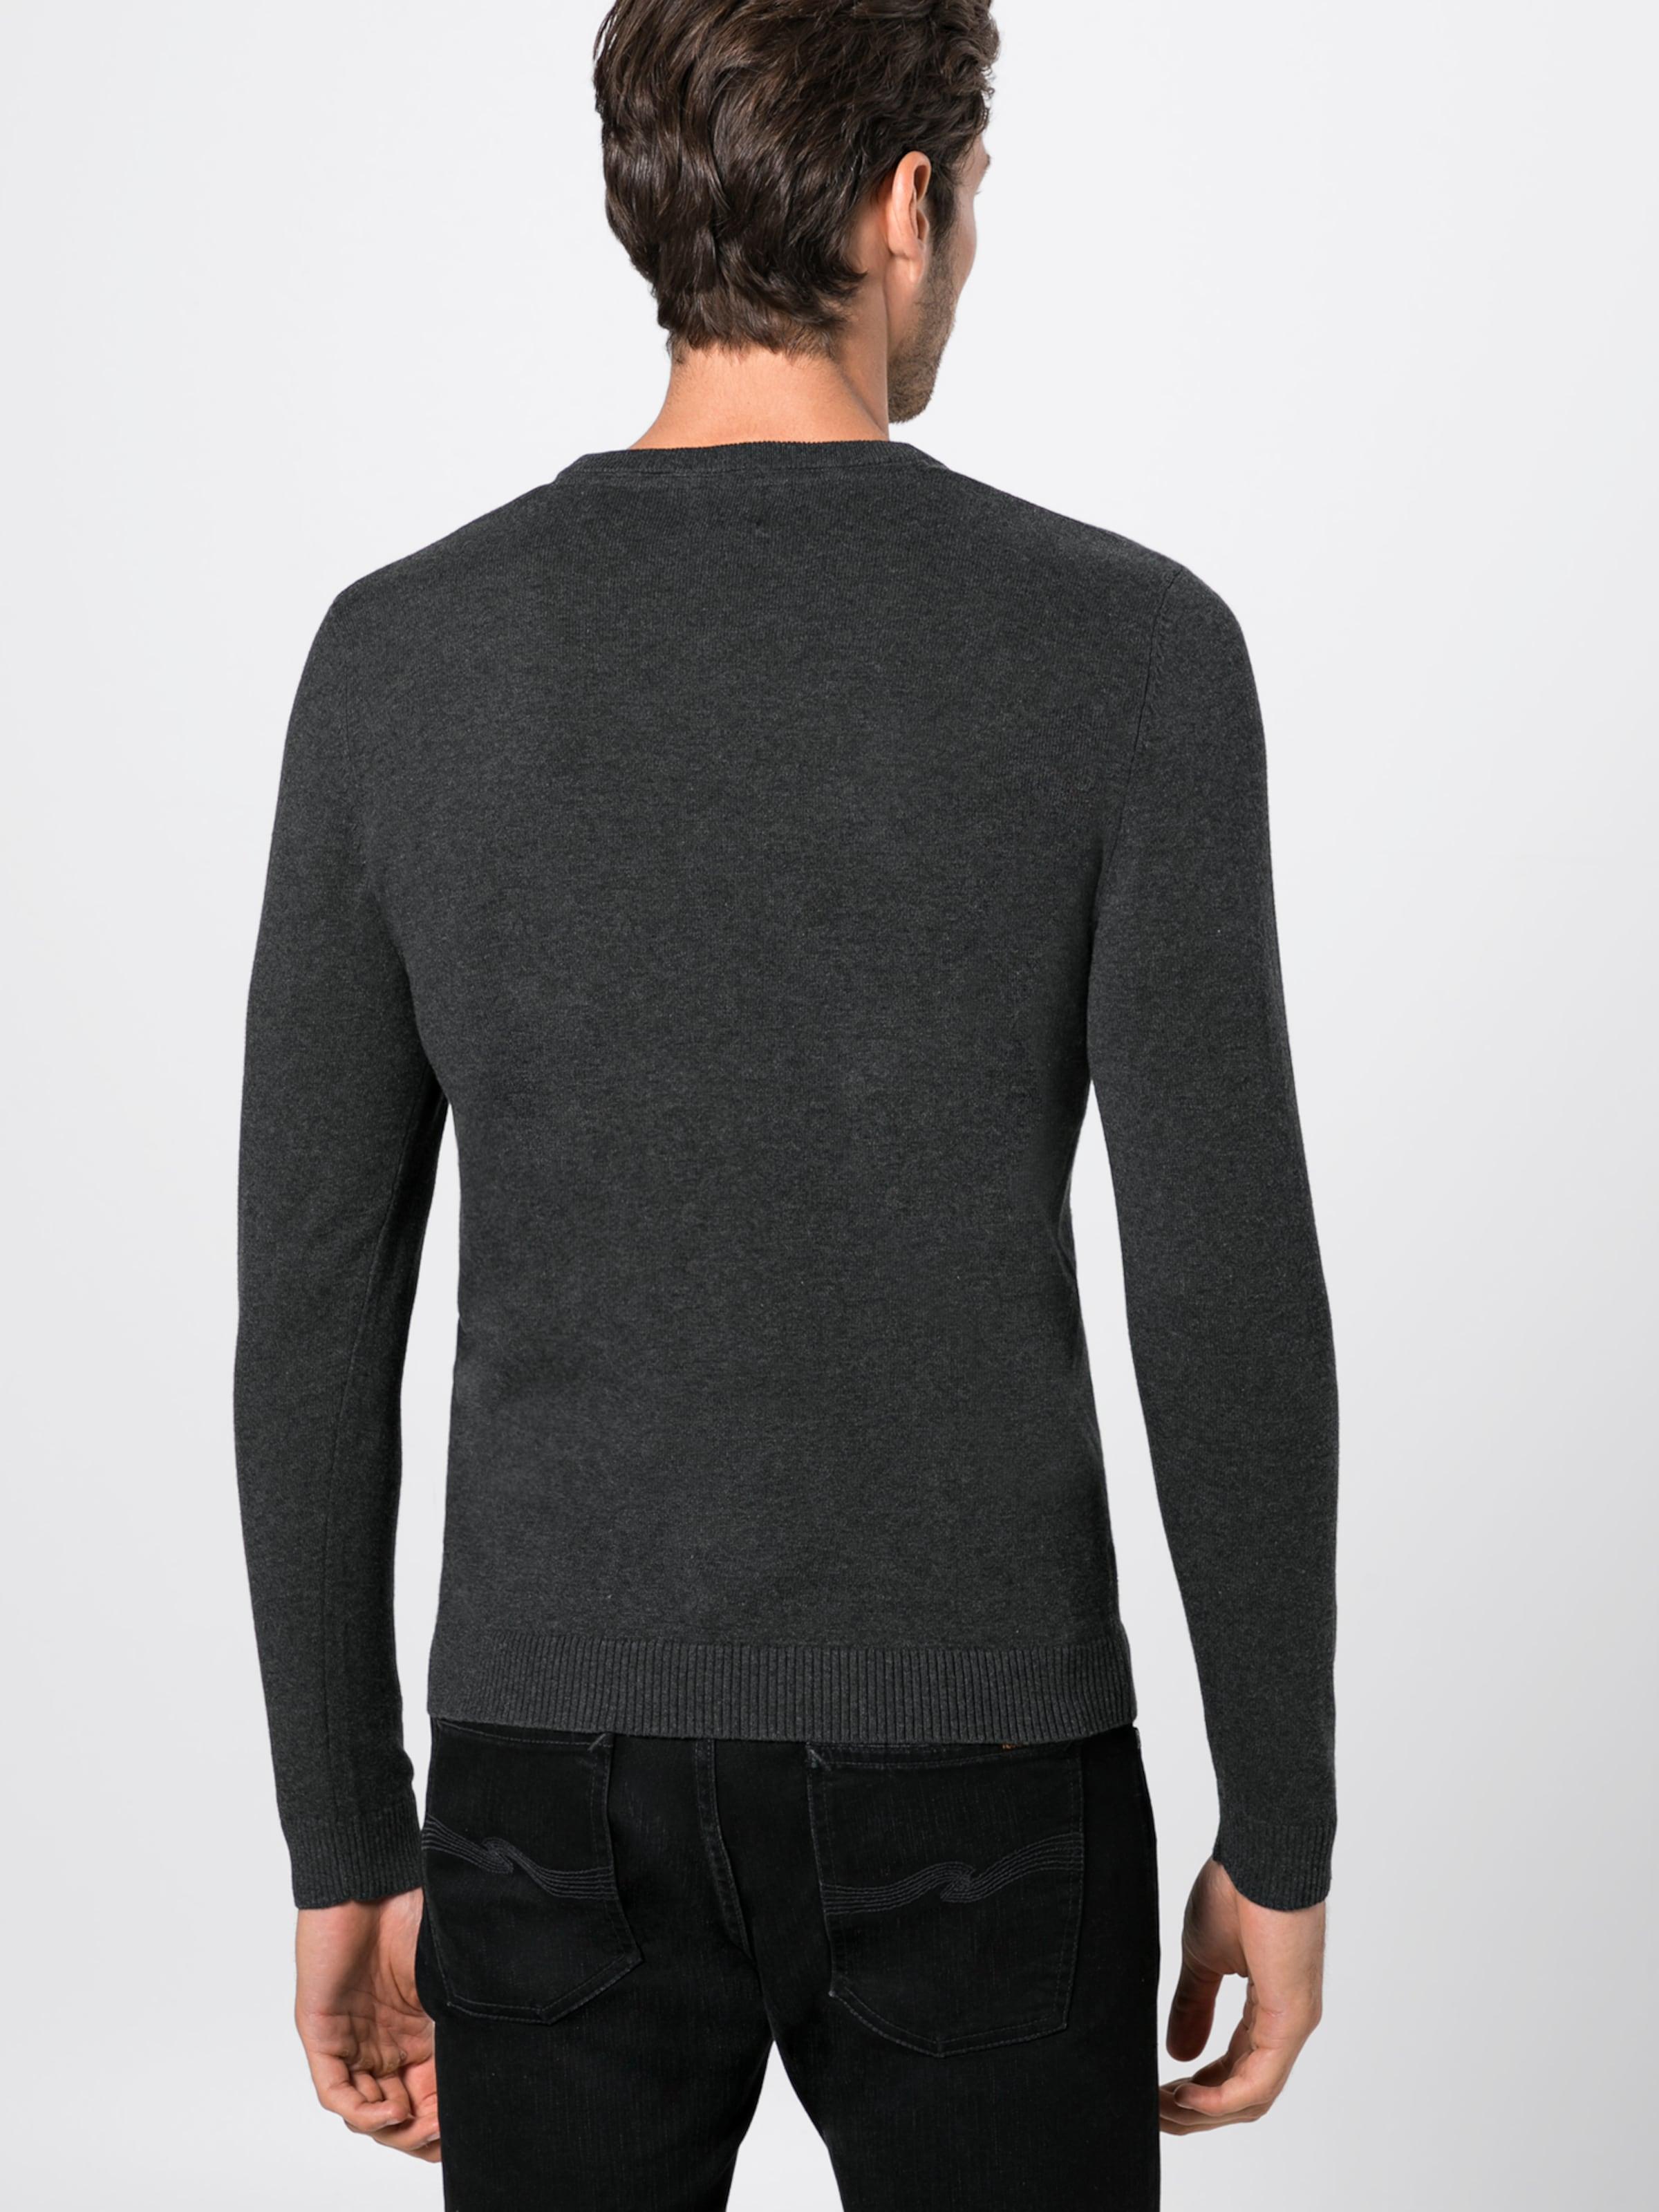 Jackamp; Pull over neck' En 'jjebasic Jones Knit V Noir kZwOiuPXT